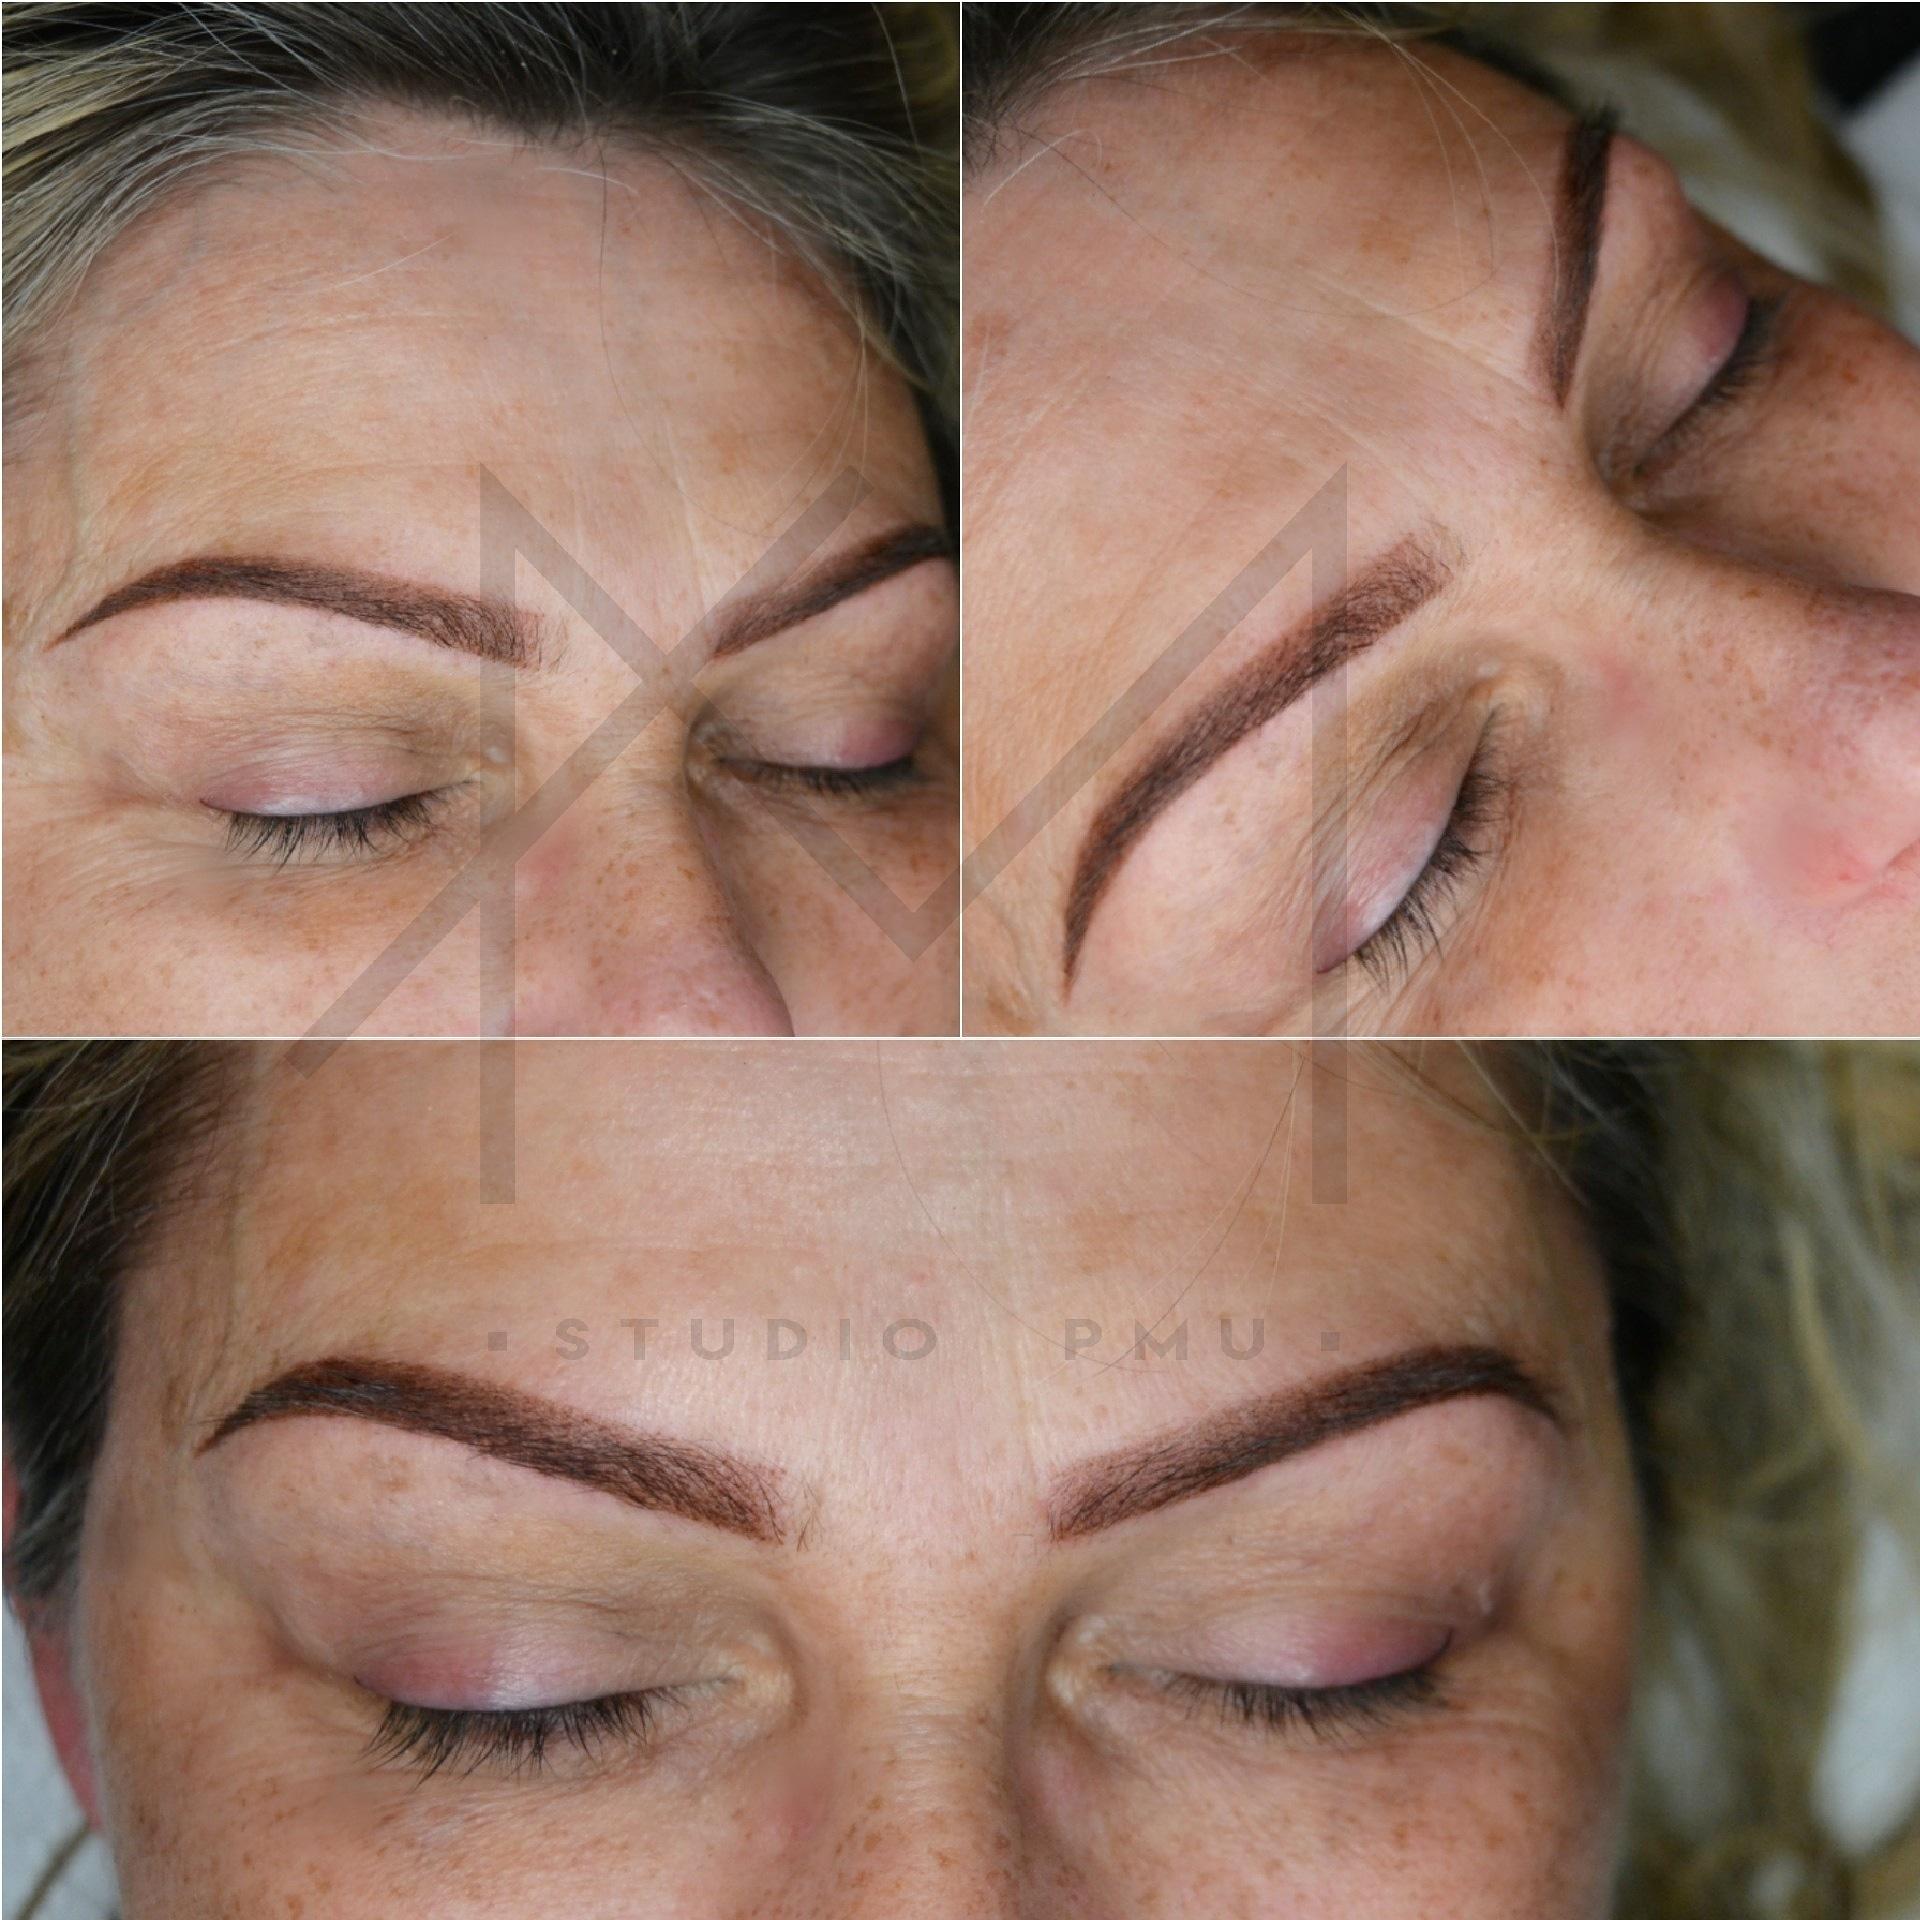 AMStudioPMU Łódź makijaż permanentny brwi makijaż permanentny ust makijaż permanentny powieki mikropigmentacja skóry głowy mikropigmentacjamedyczna skóry głowy tyueuy